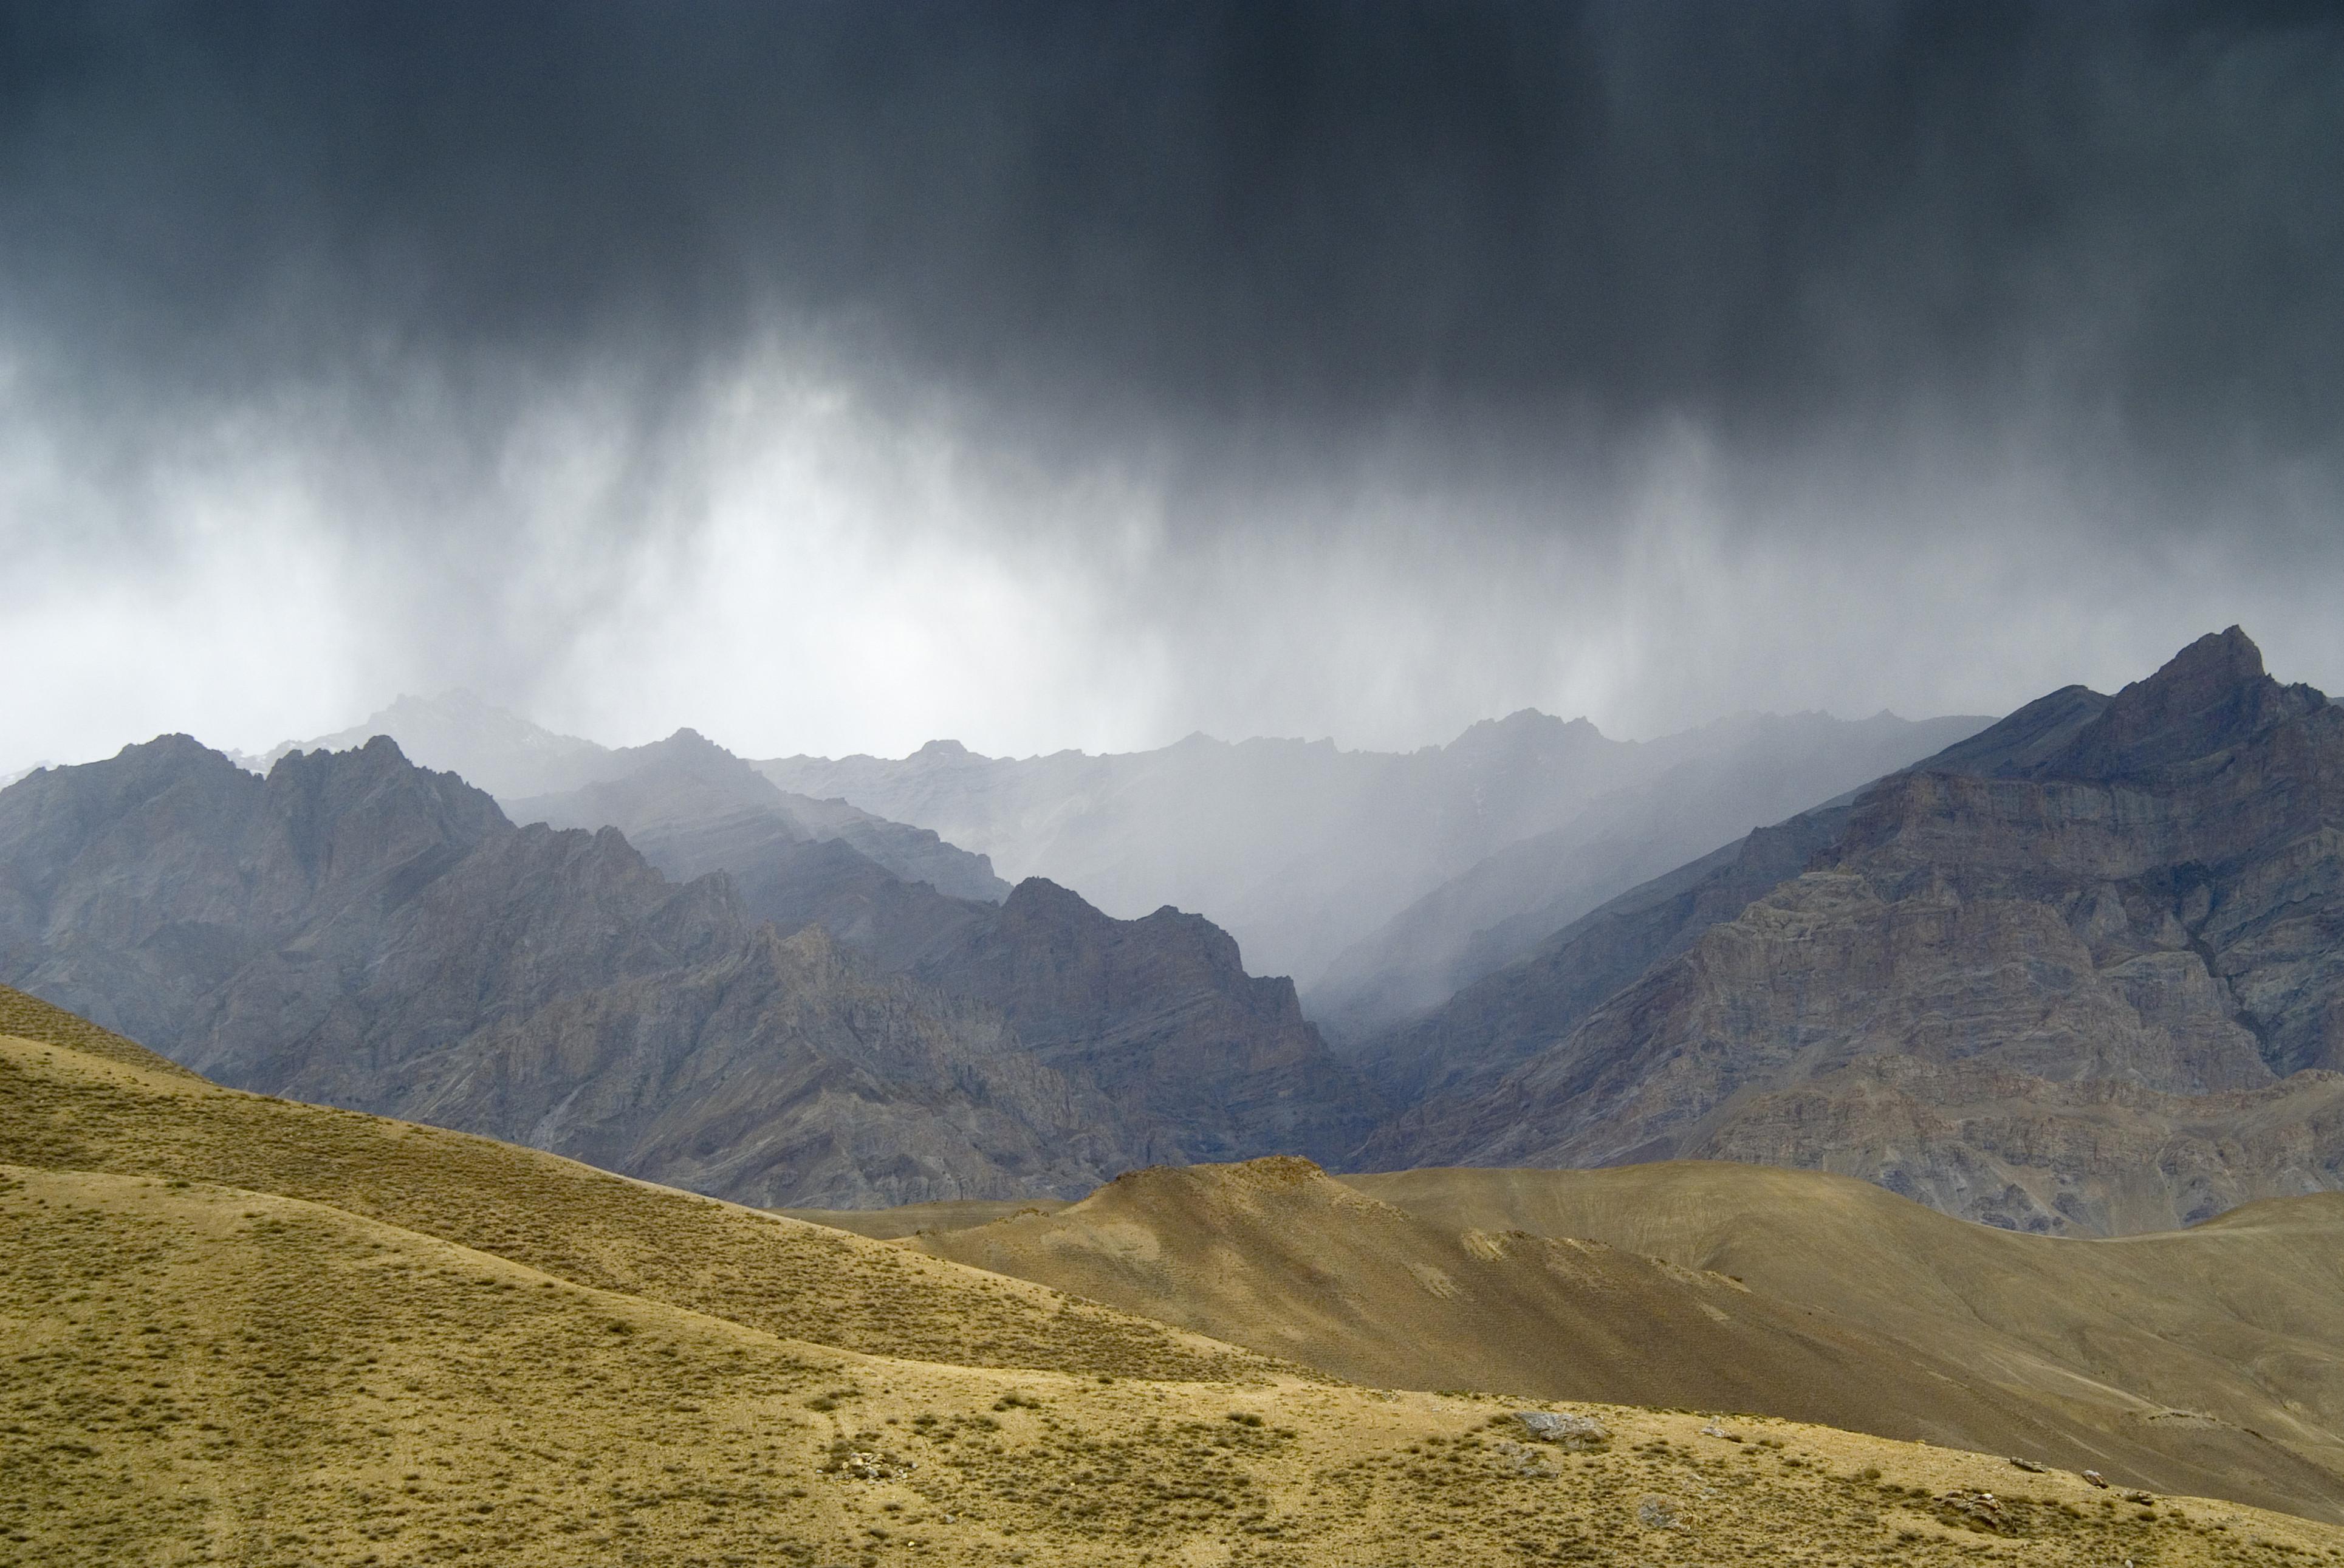 rains india